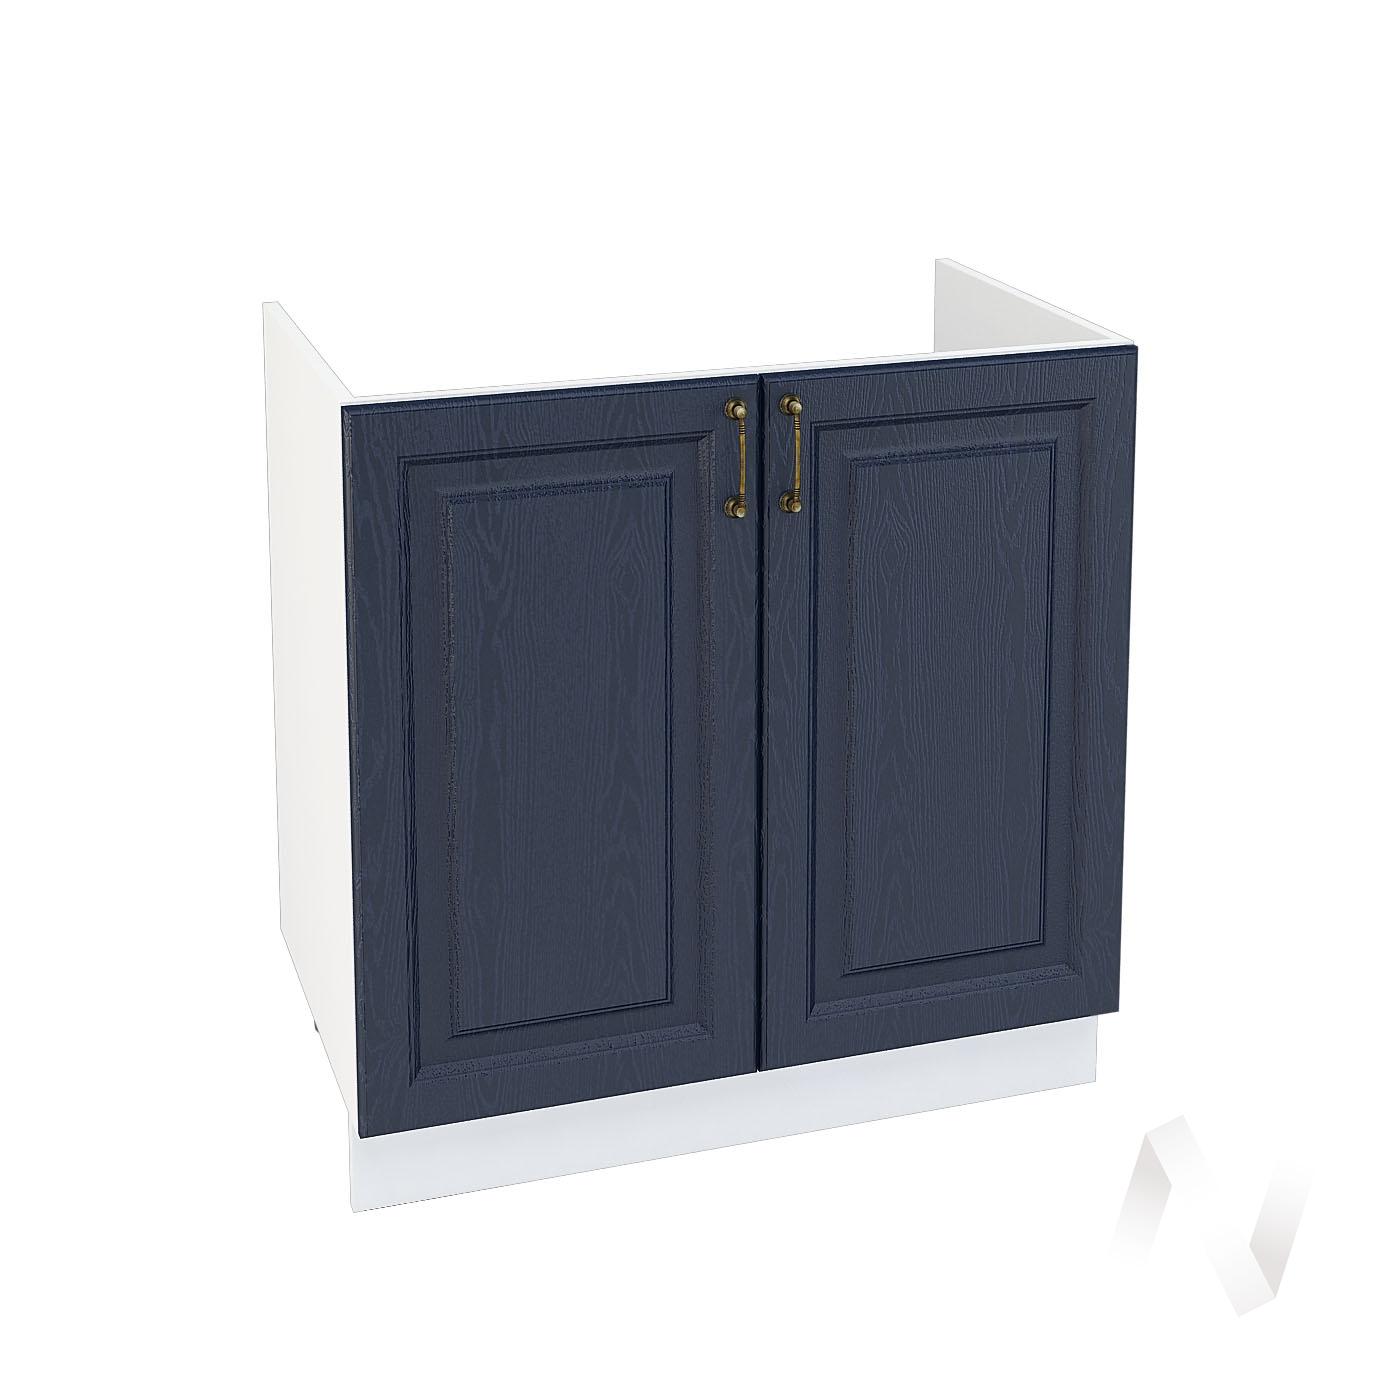 """Кухня """"Ницца"""": Шкаф нижний под мойку 800, ШНМ 800 (Дуб чернильный/корпус белый)"""